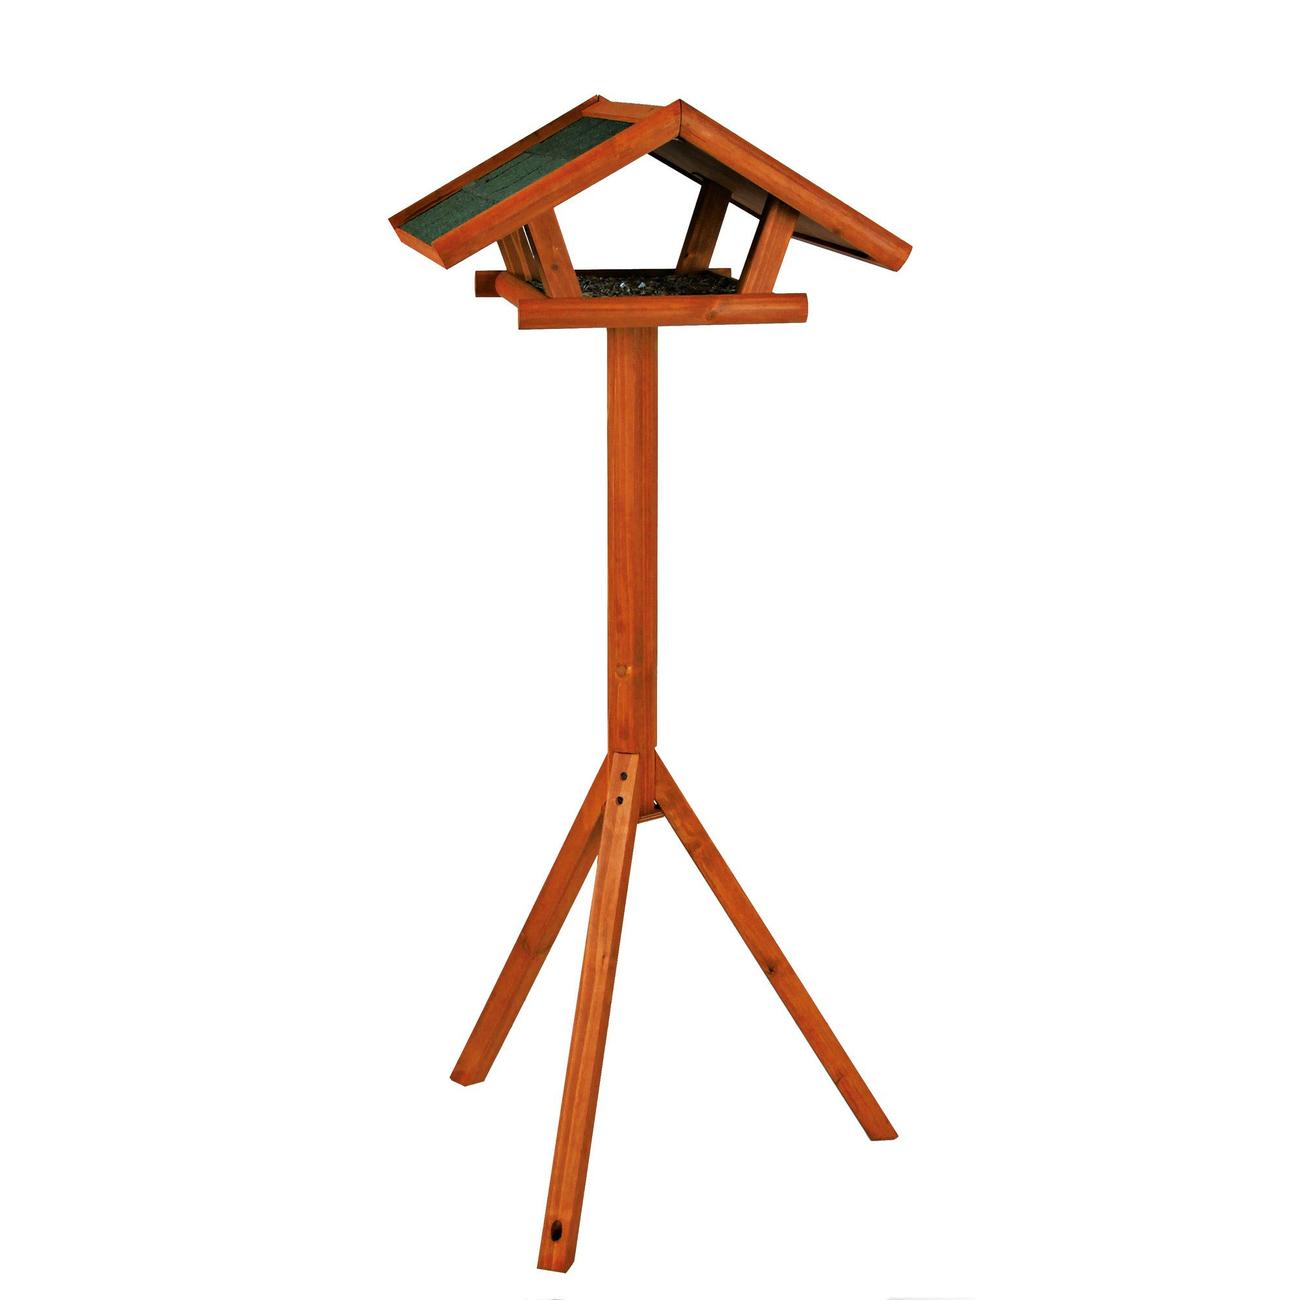 Trixie Natura Vogelhaus Futterhaus mit Ständer 5570, Bild 2